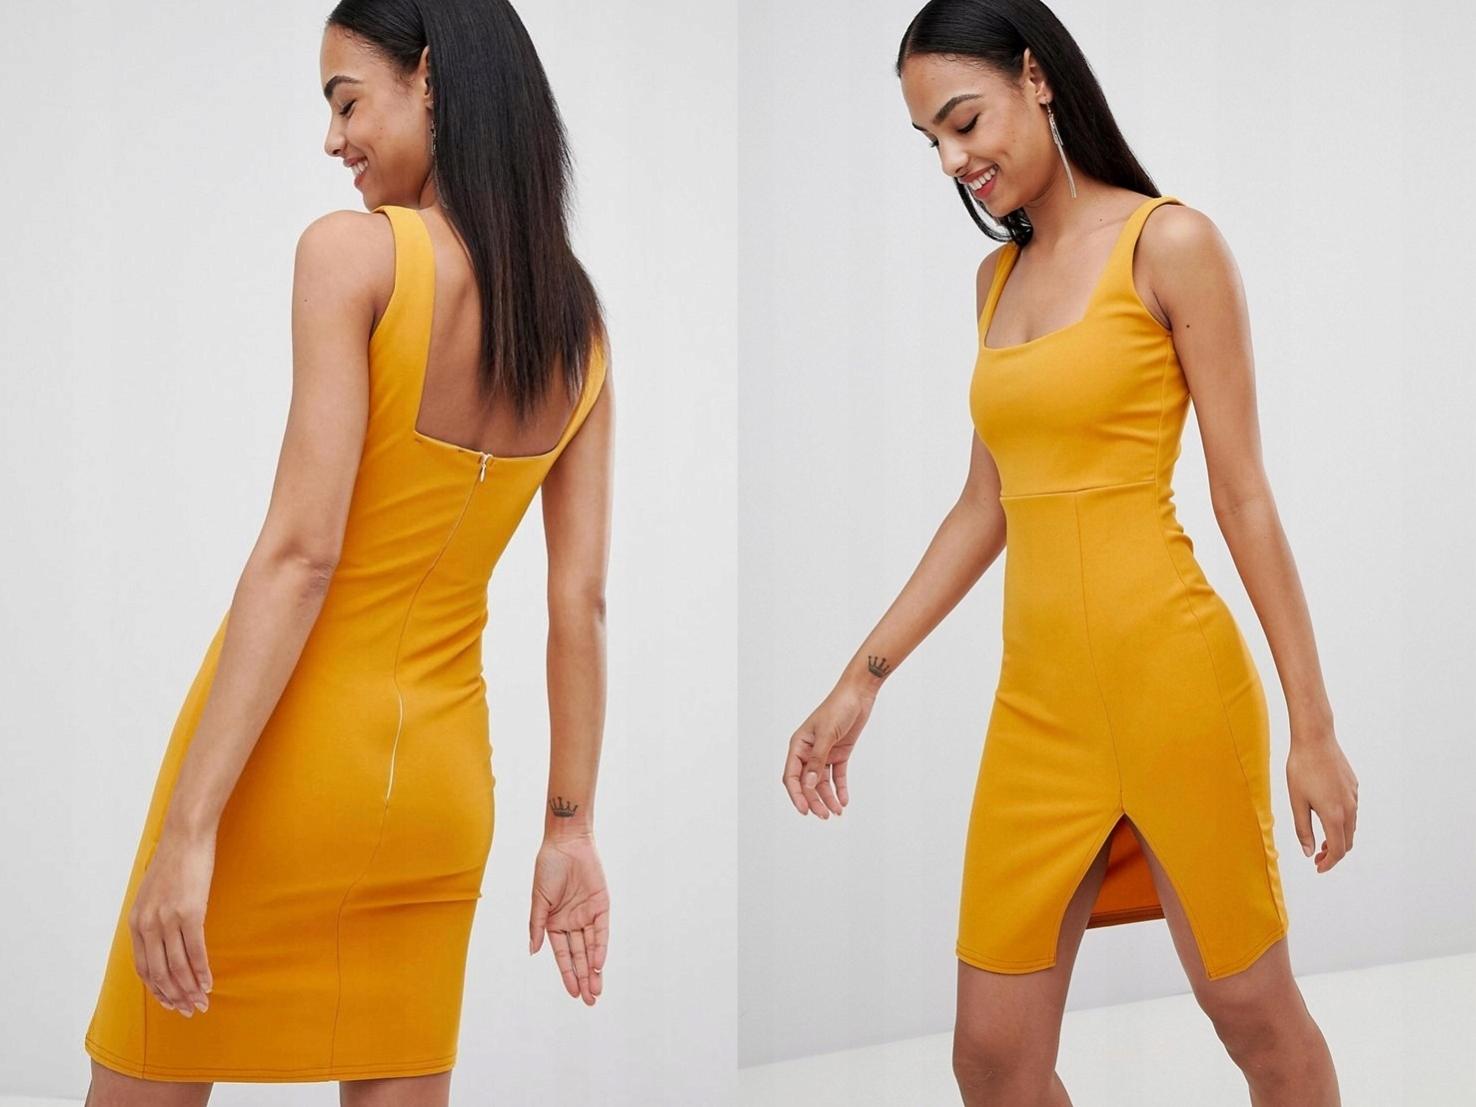 a020d2b6af Missguided Pomarańczowa Sukienka Mini M 38 - 7586239895 ...